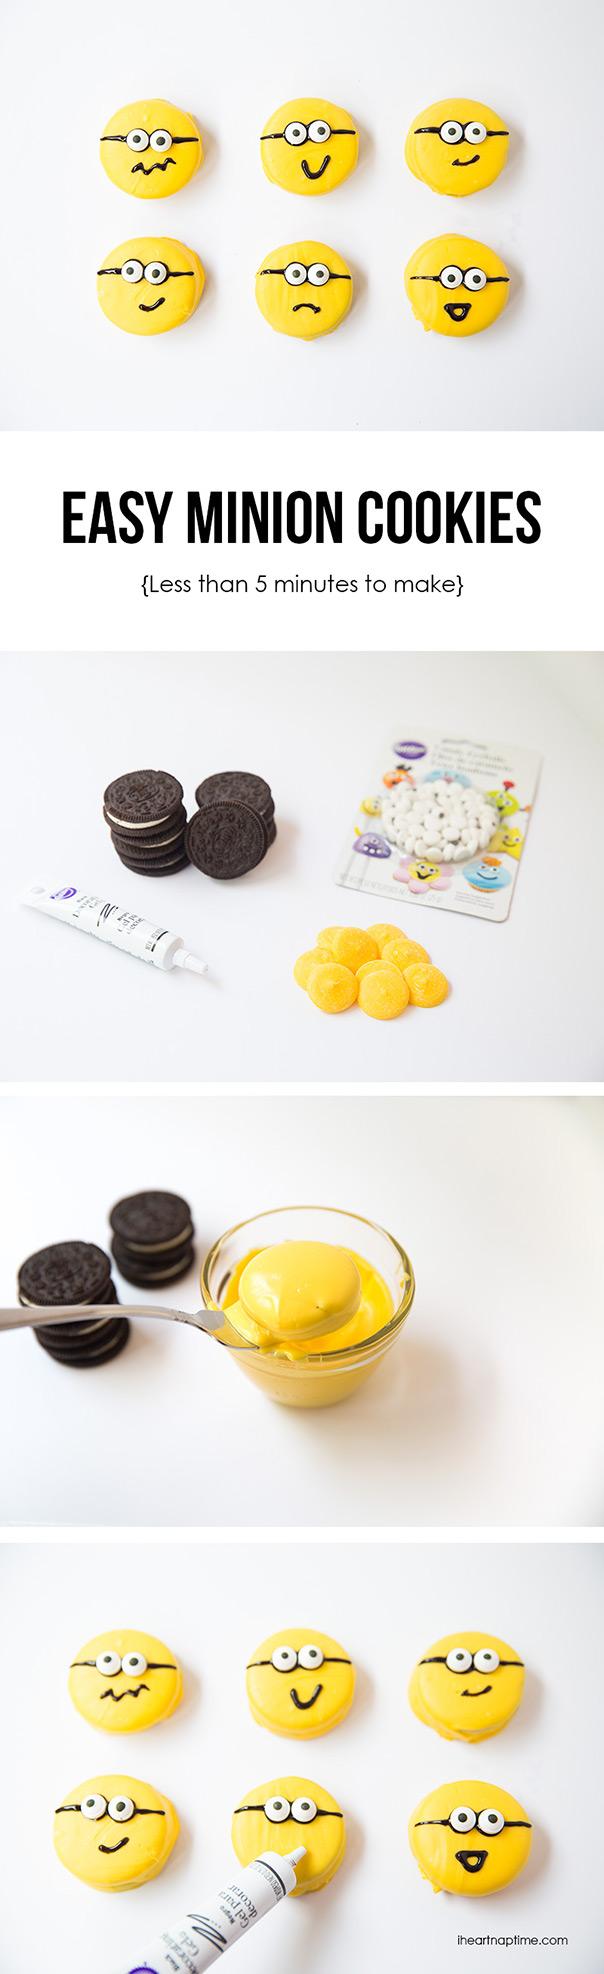 עוגיות אוריאו המיניונים